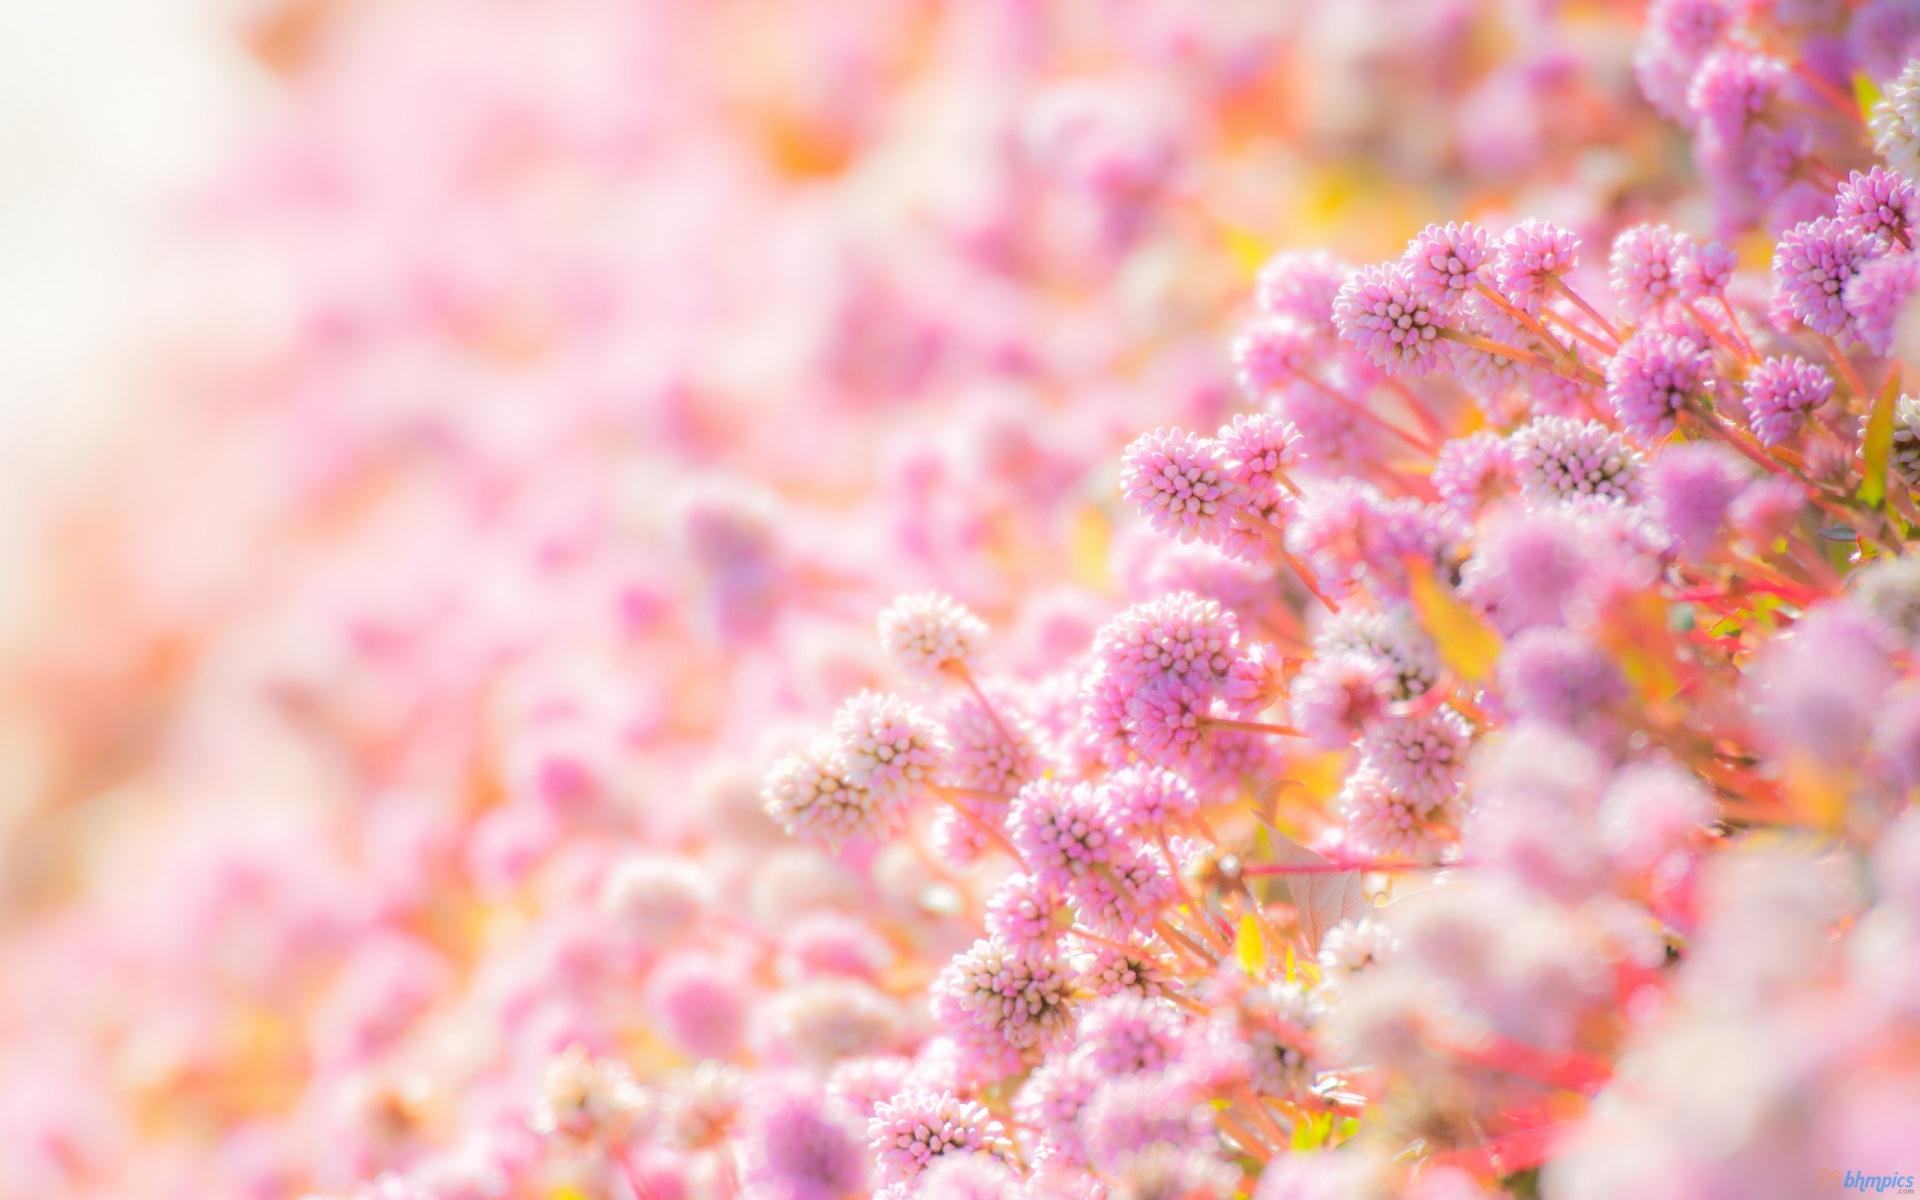 بالصور اكبر مجموعة من صور الورد الرائعة 20160712 1812